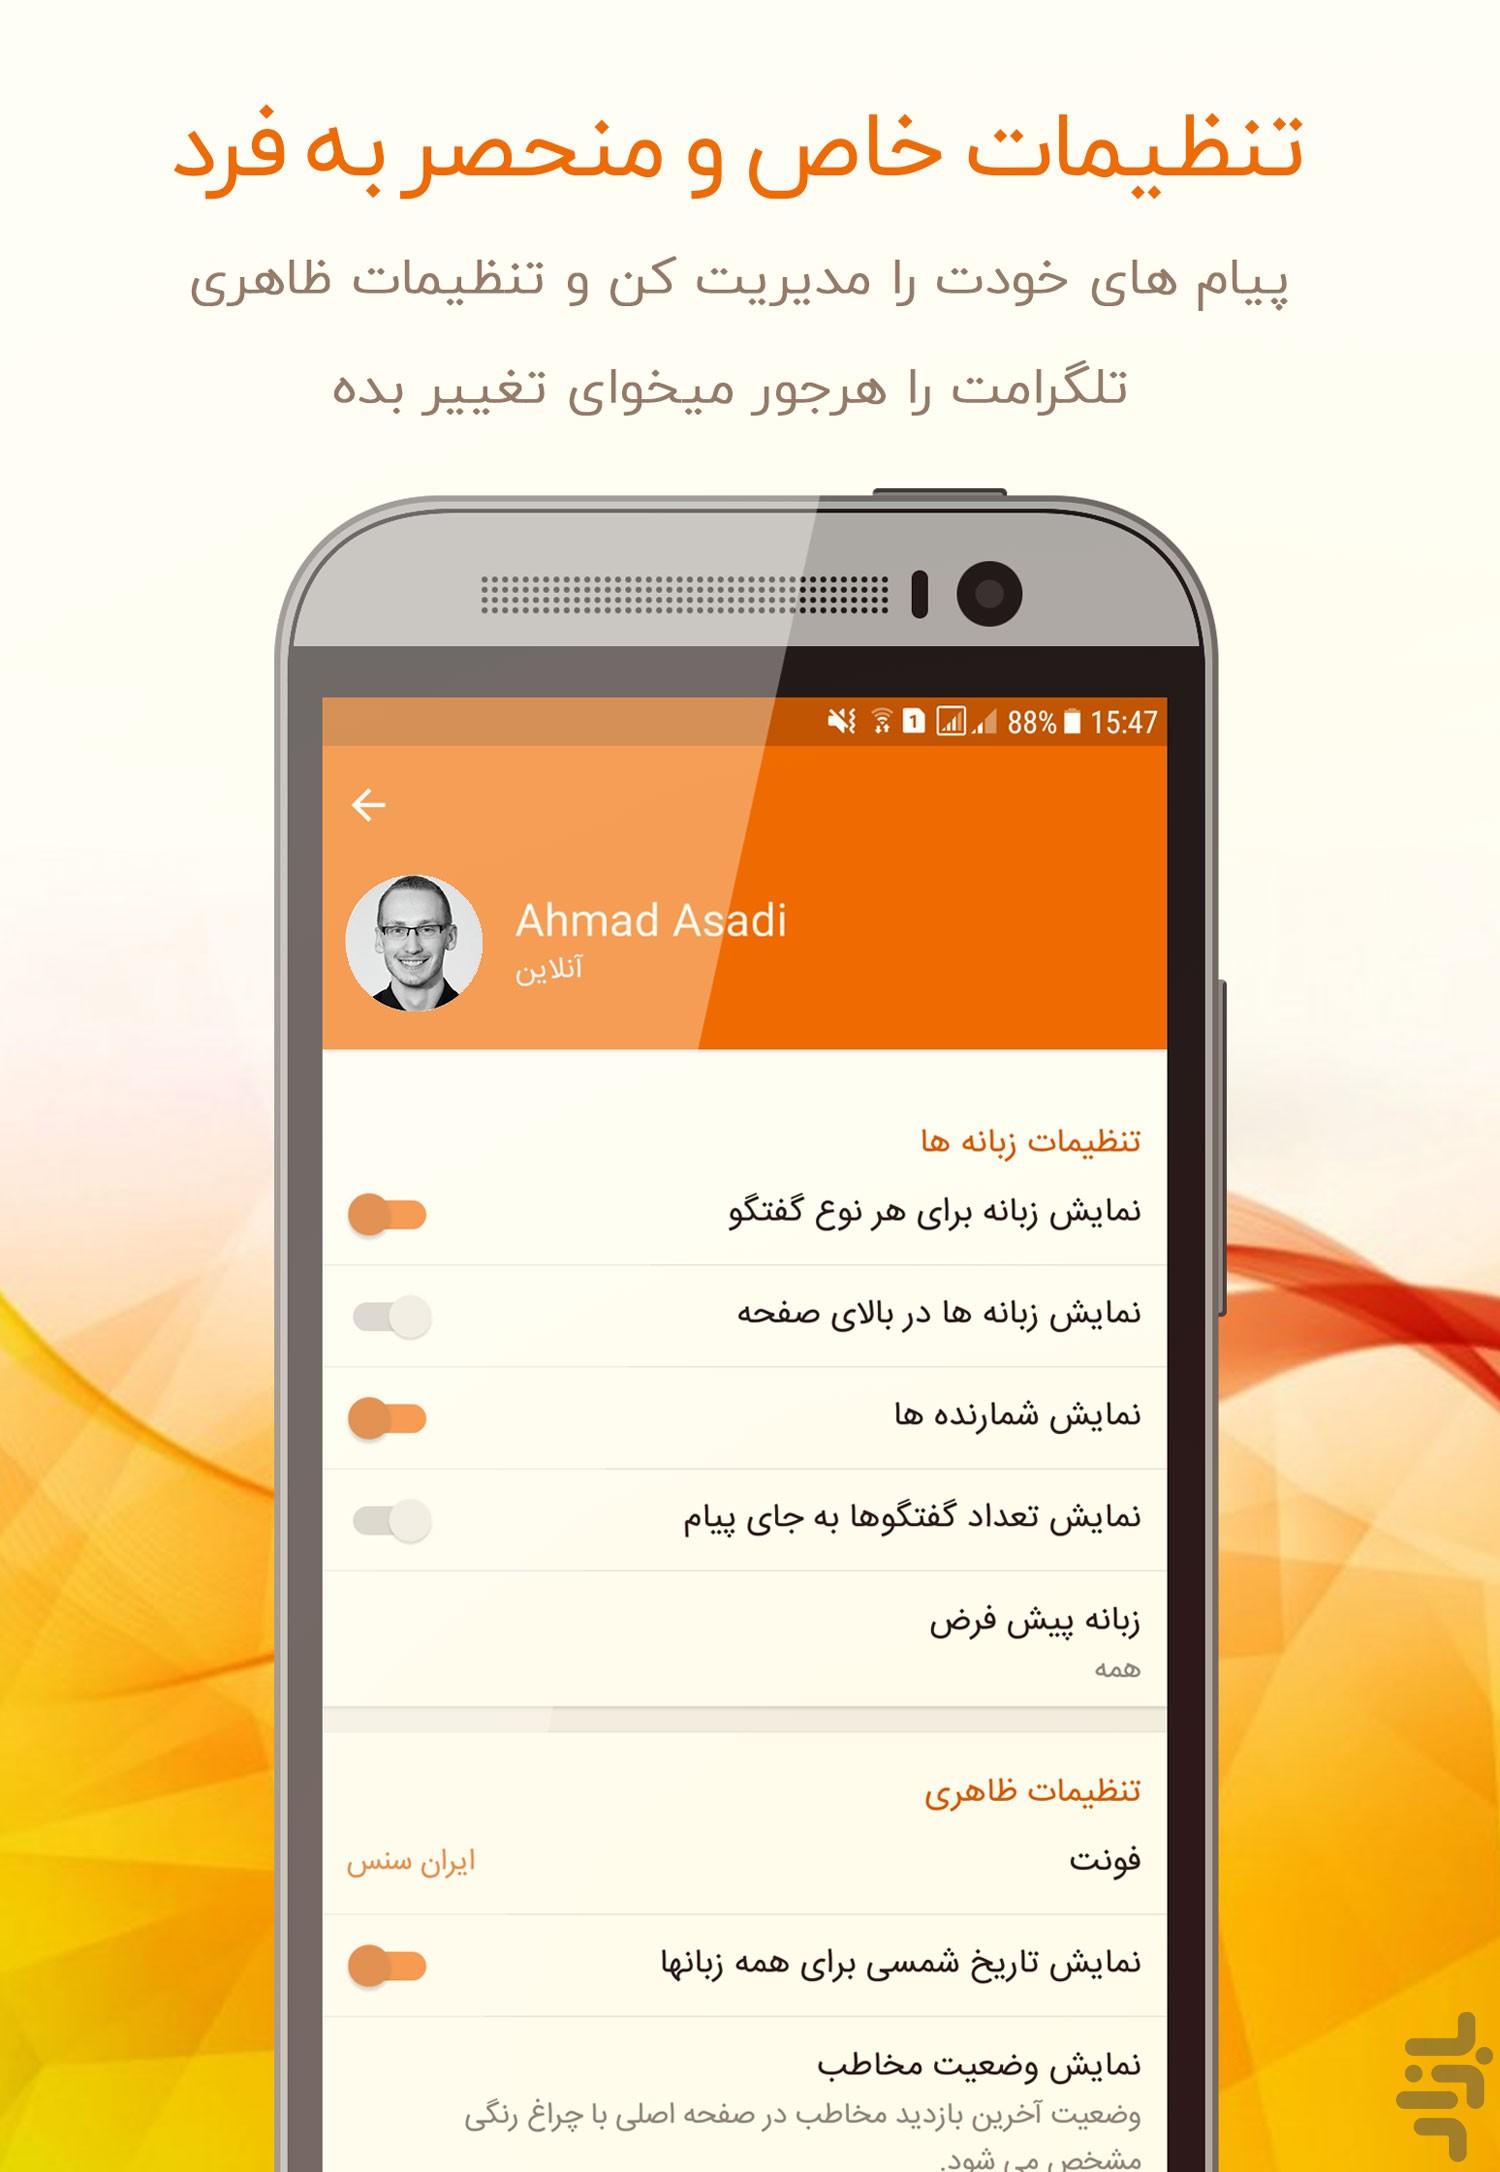 تلگرام فارسی صوتی(غیر رسمی)